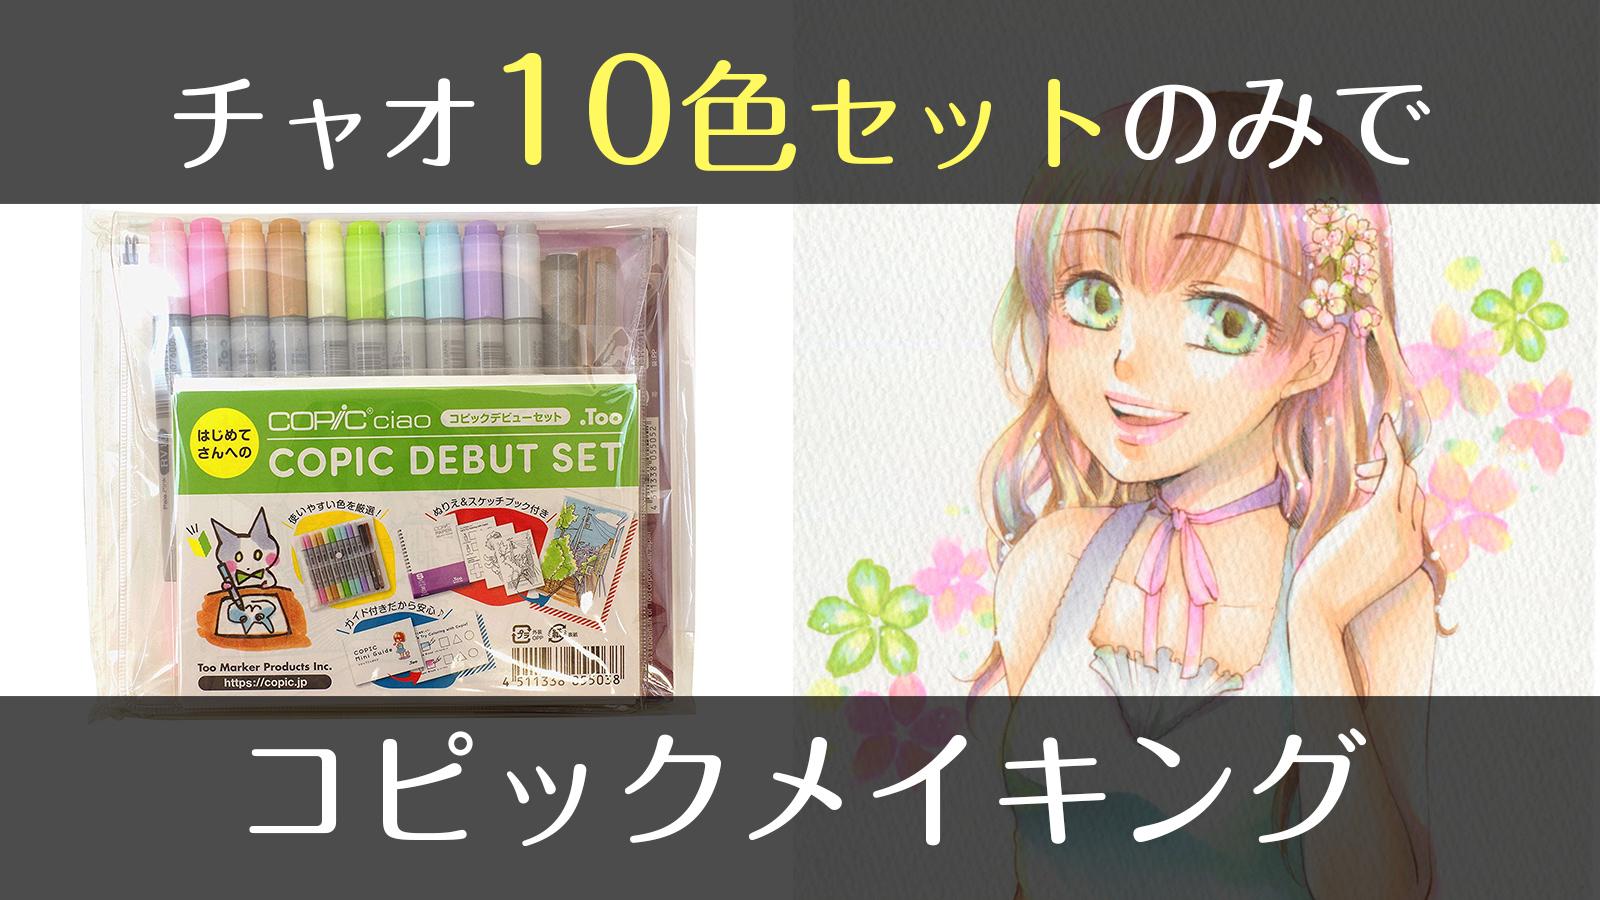 【コピック初心者向け動画】チャオデビューセット10色のみで女の子の塗り方解説